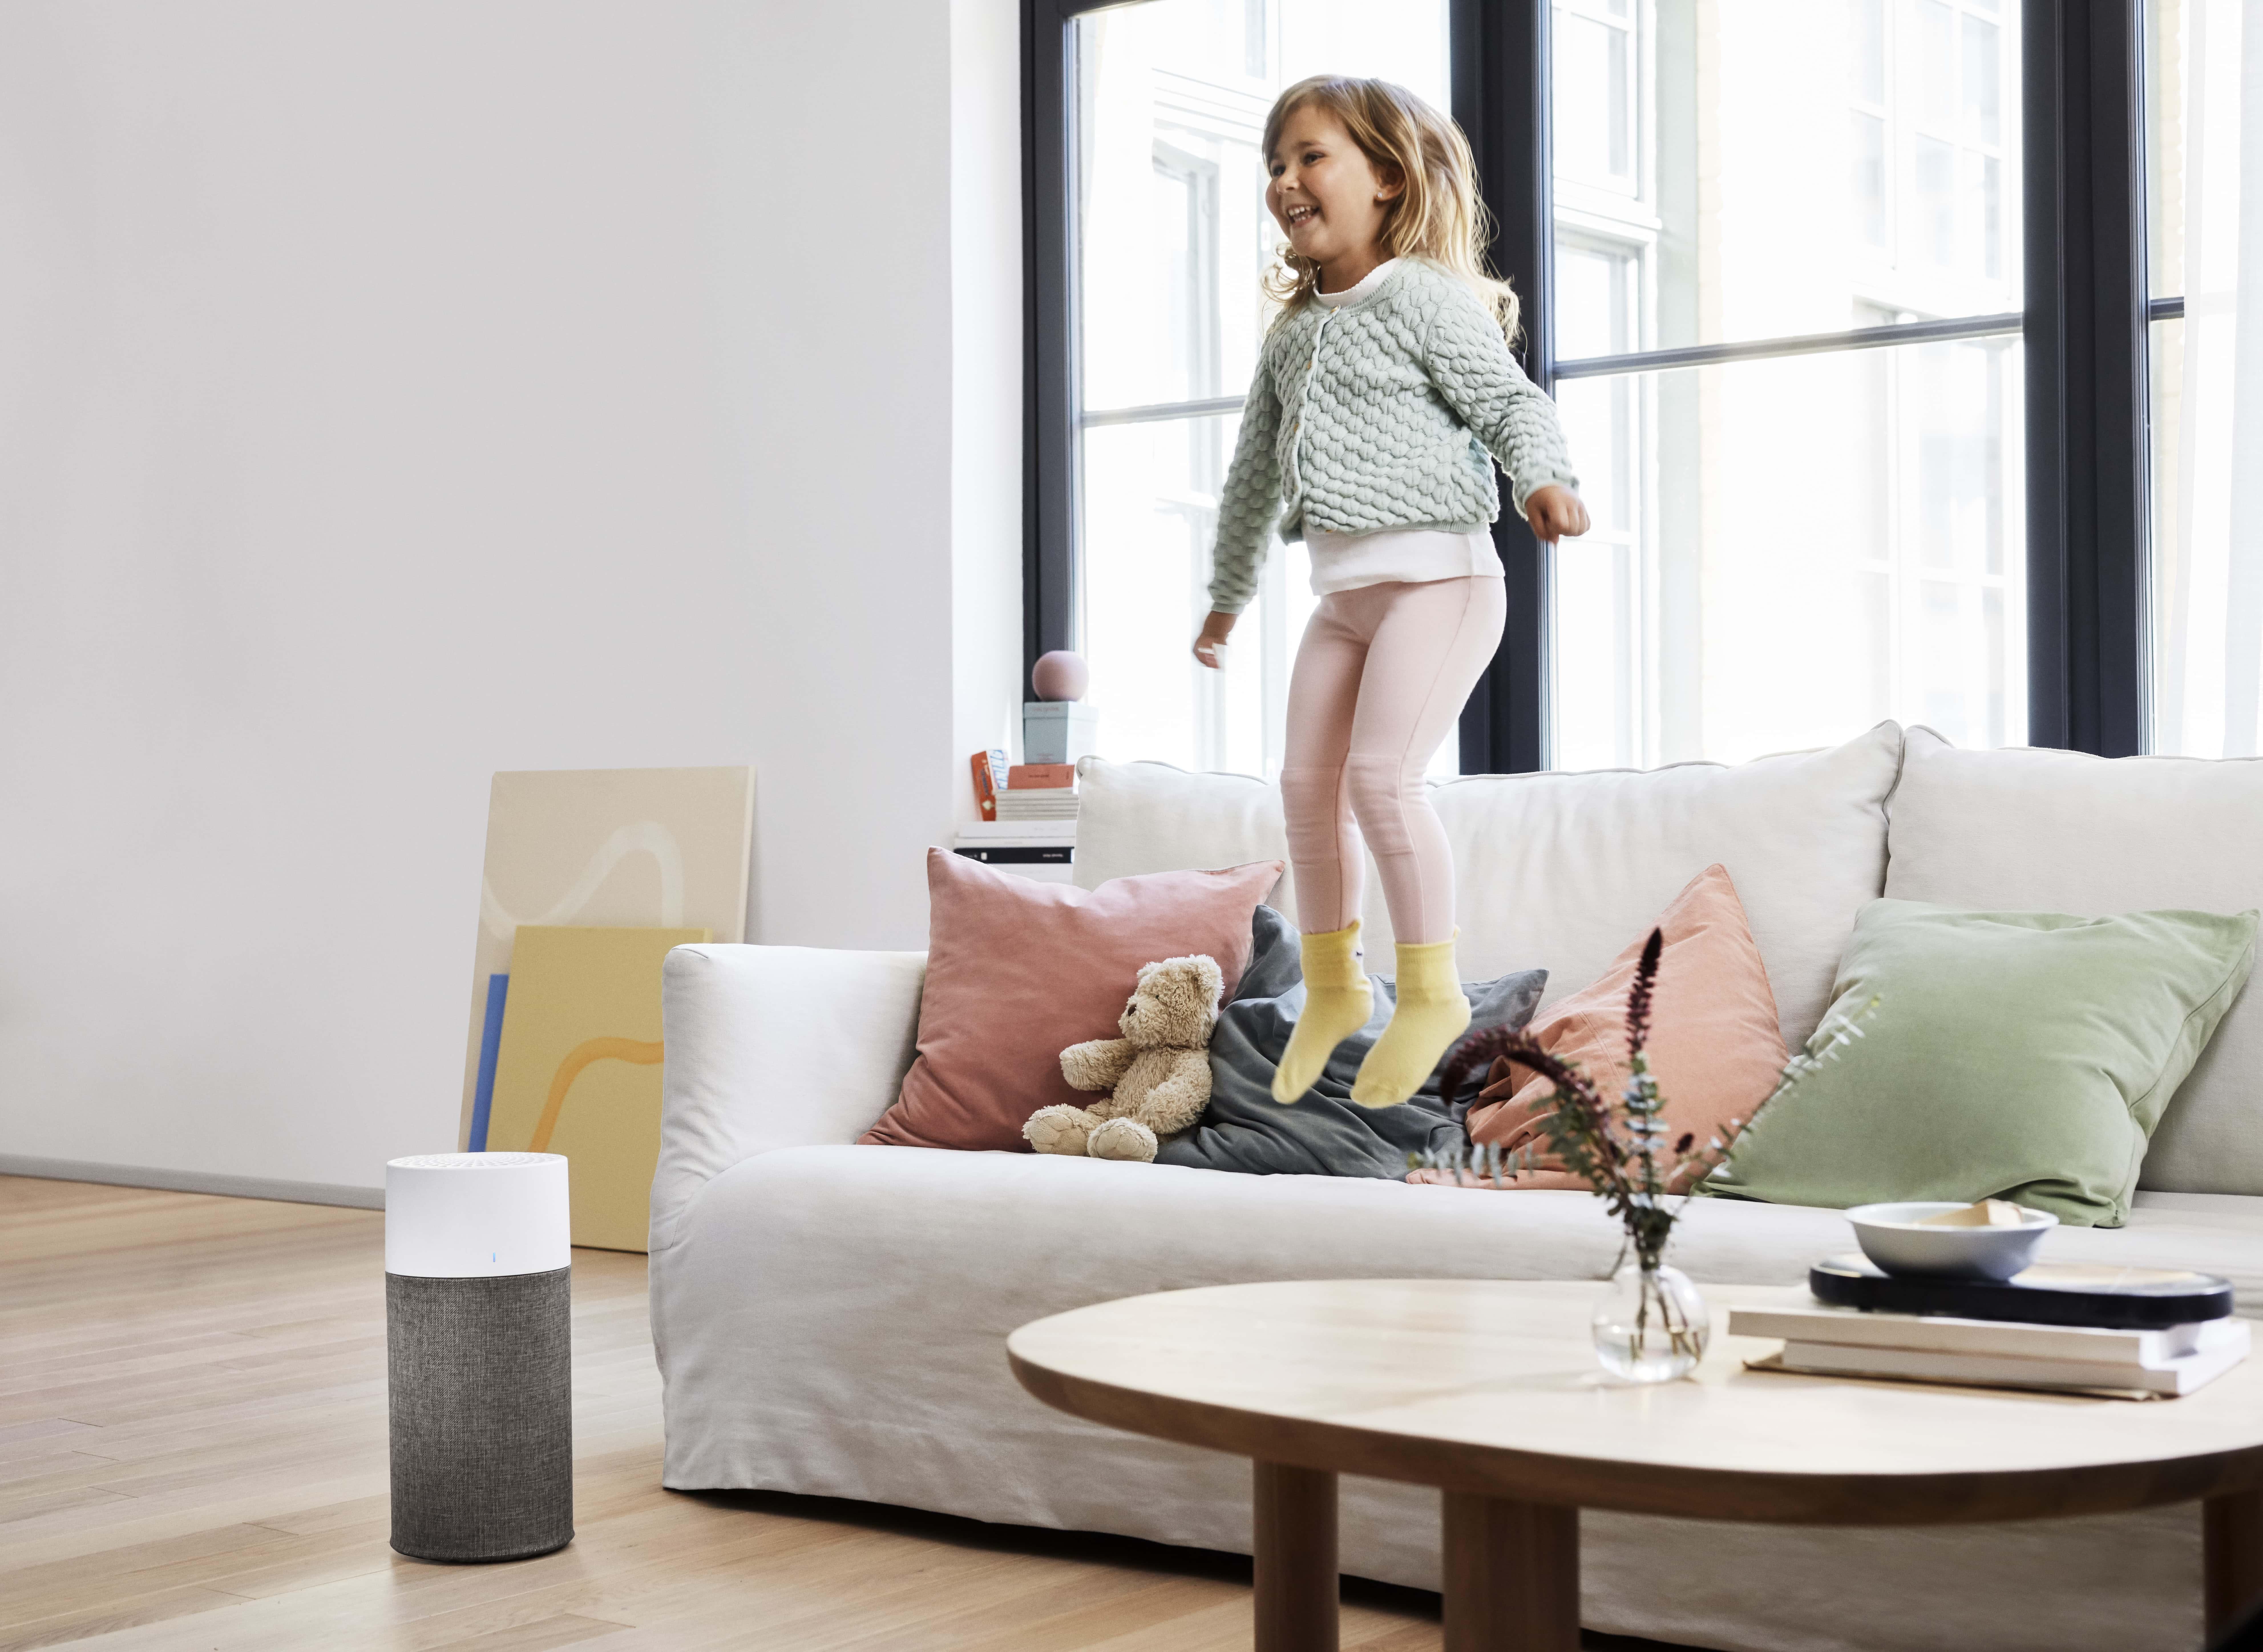 Blueair-Luftreiniger sorgen für gesunde Lufz in Innenräumen // HIMBEER